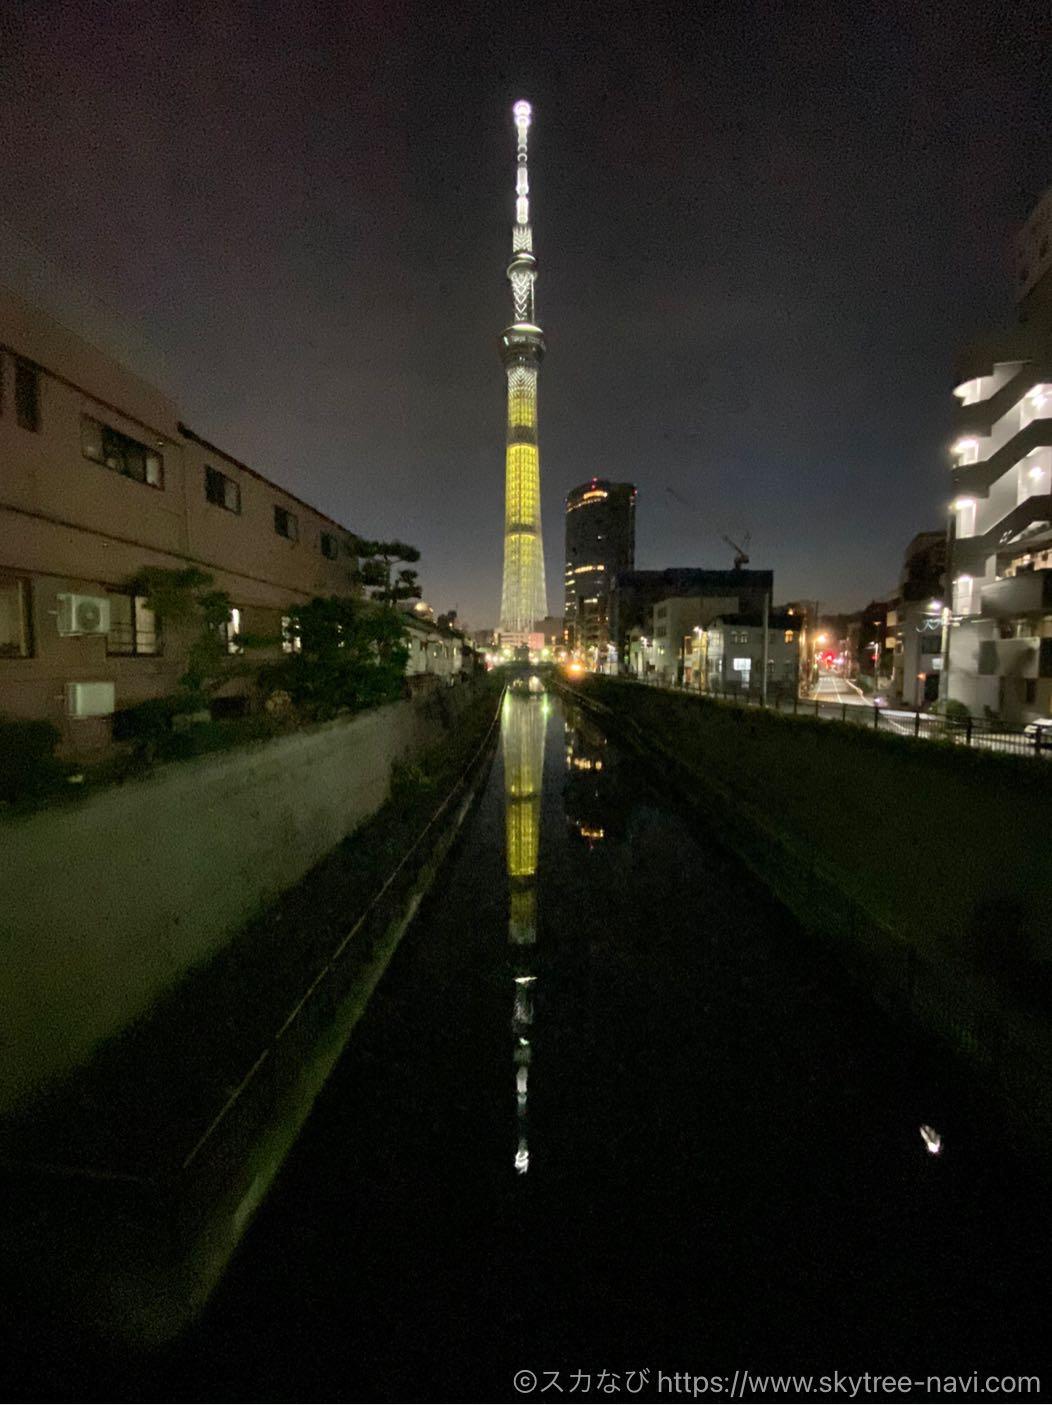 スカイツリー 聖火リレー特別ライティング 福井県